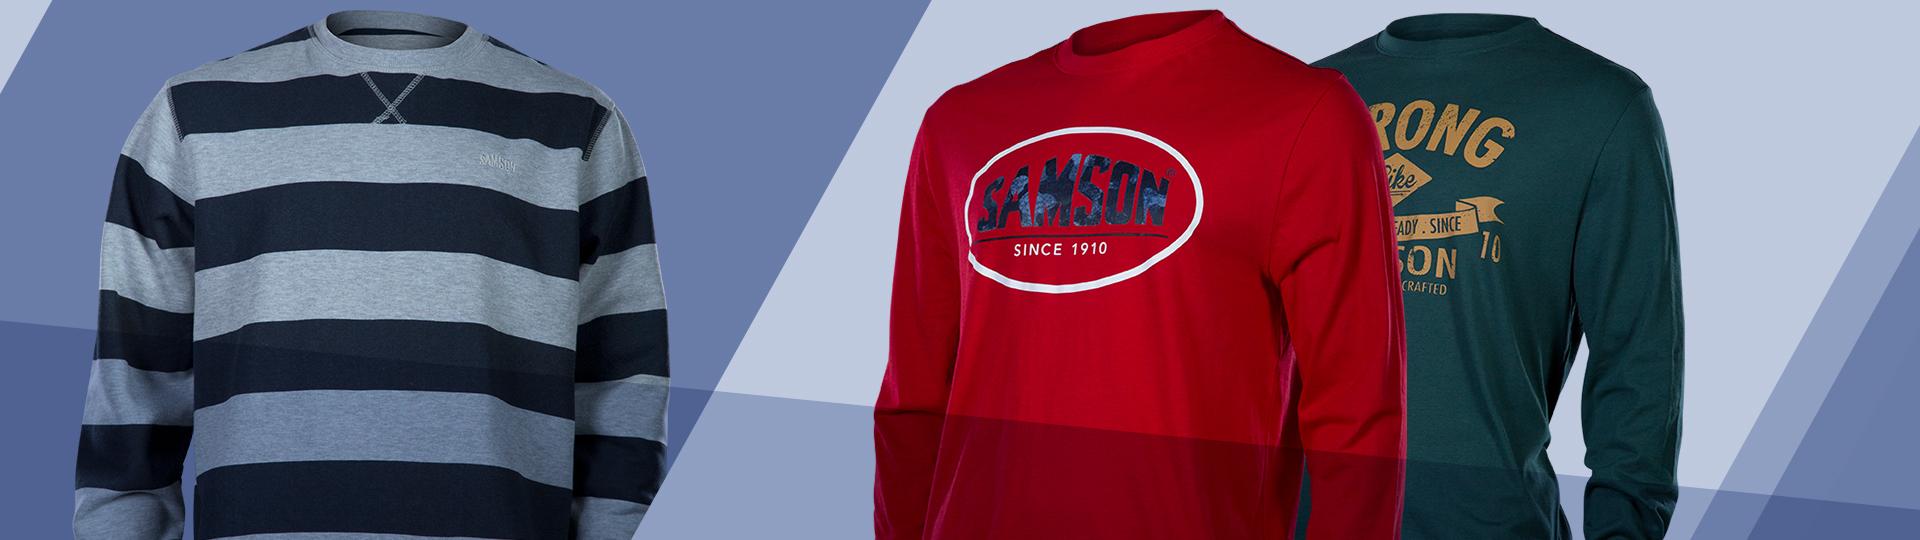 Samson - Knitwear